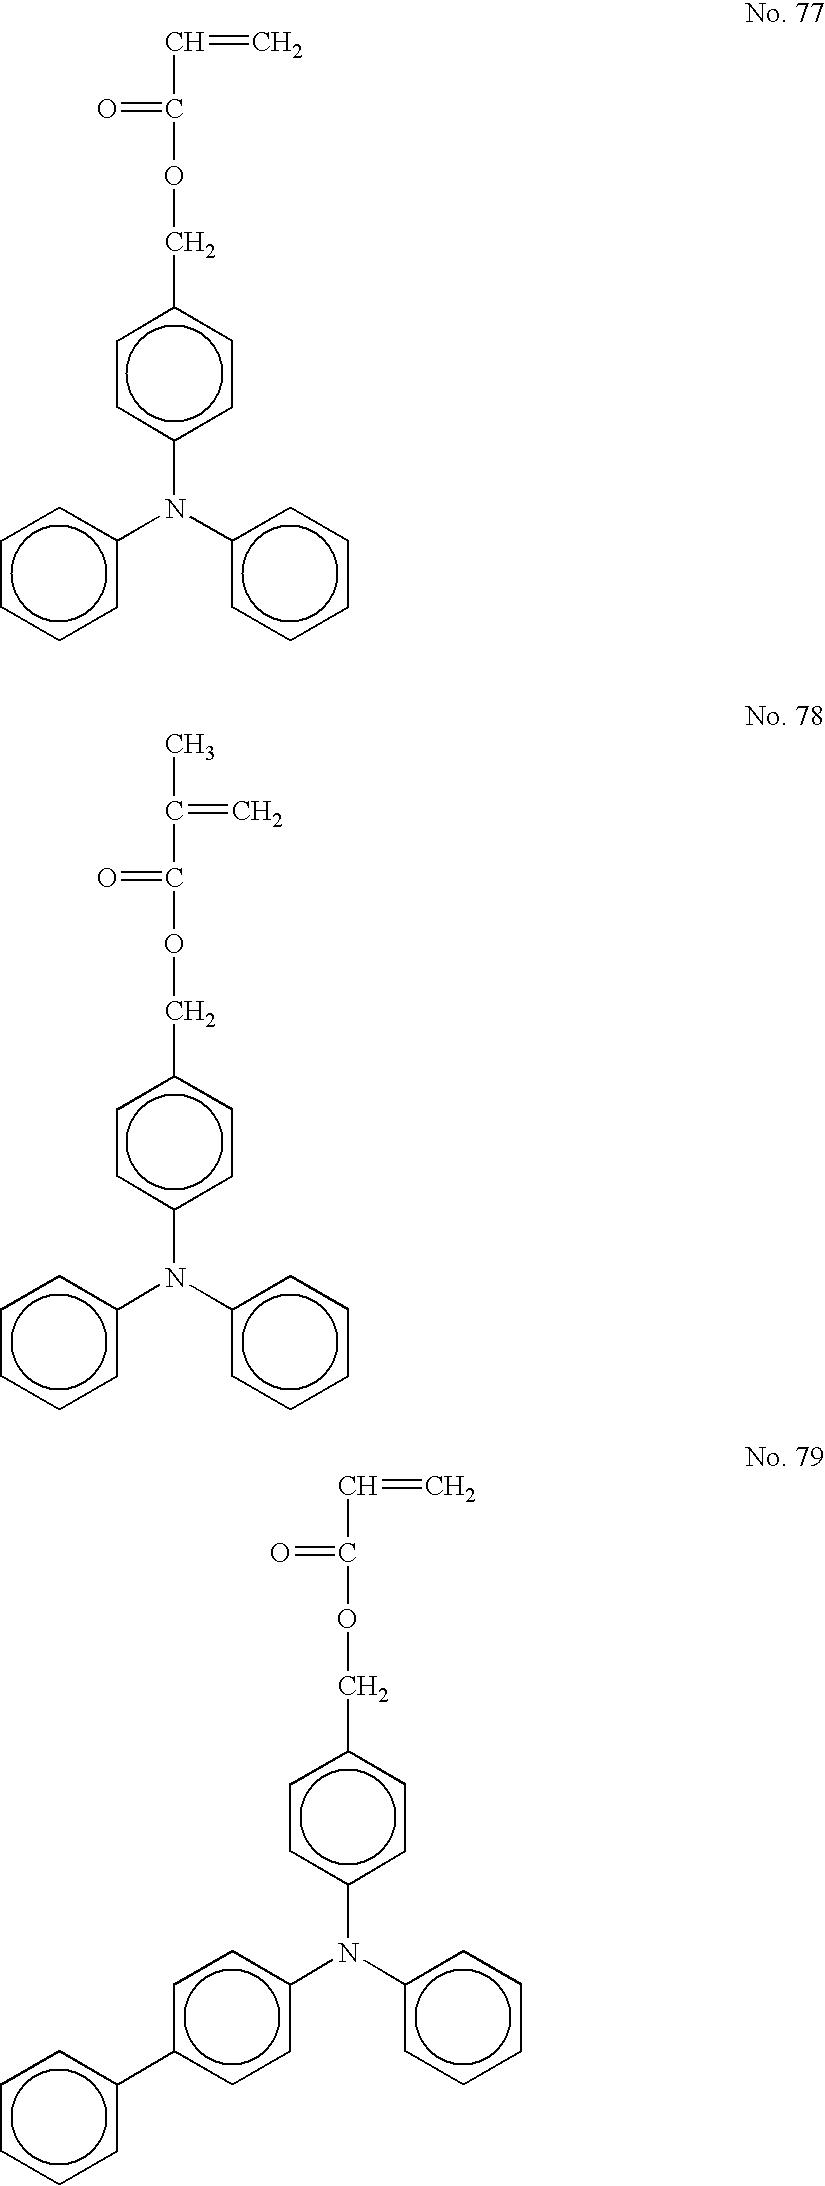 Figure US20100209842A1-20100819-C00028